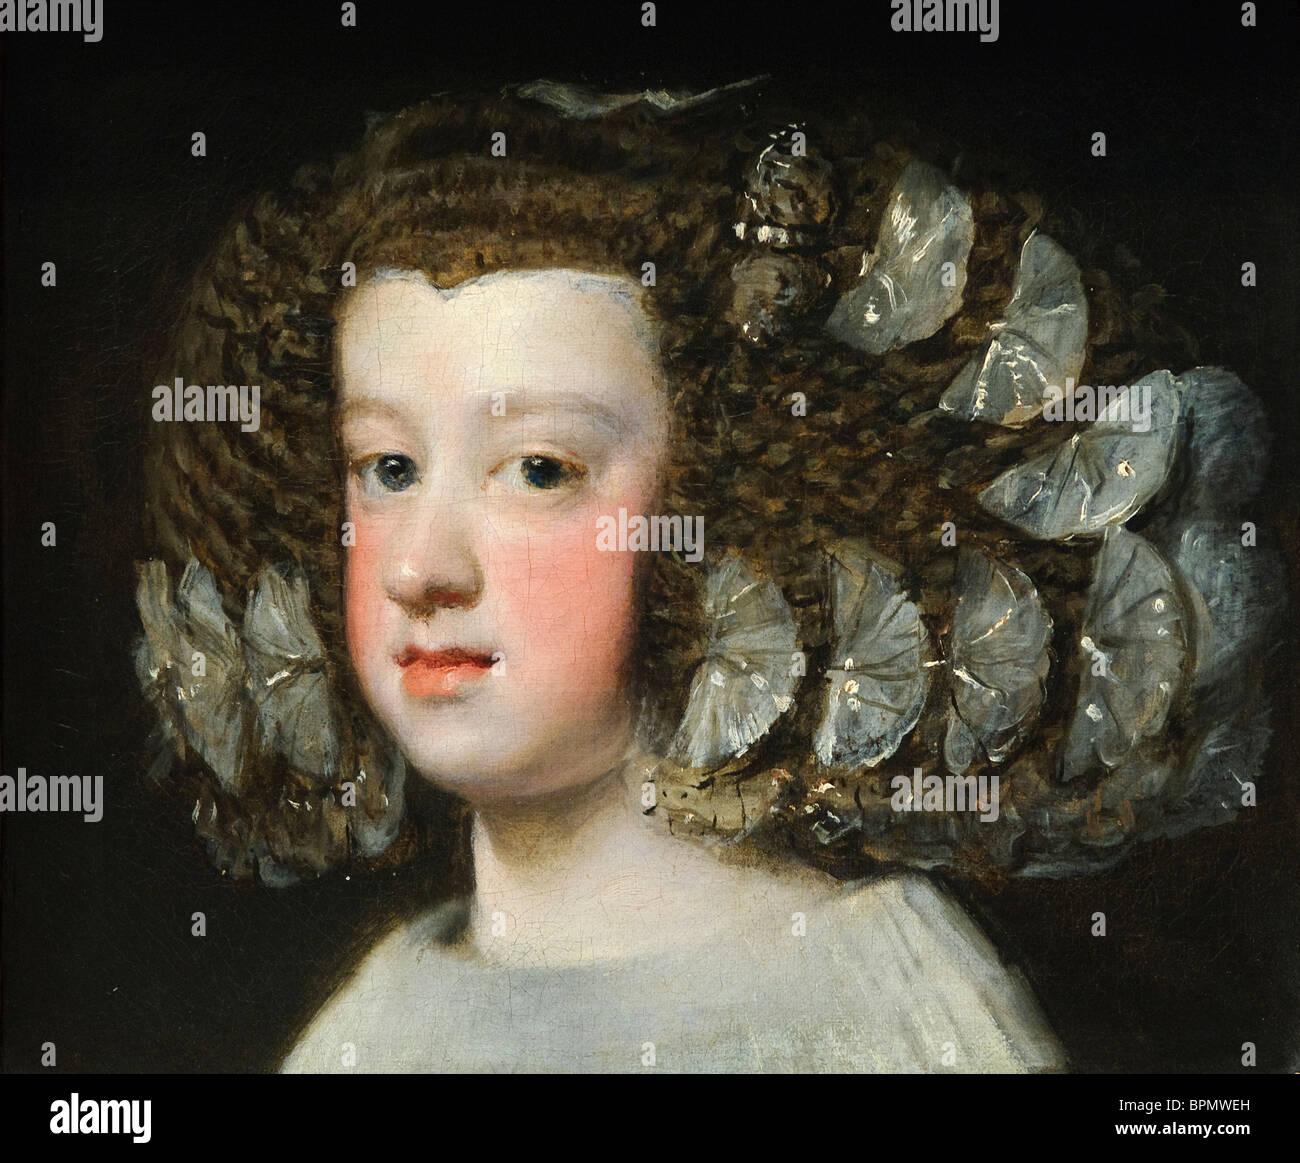 María Teresa (1638-1683), infanta de España, Velázquez Imagen De Stock